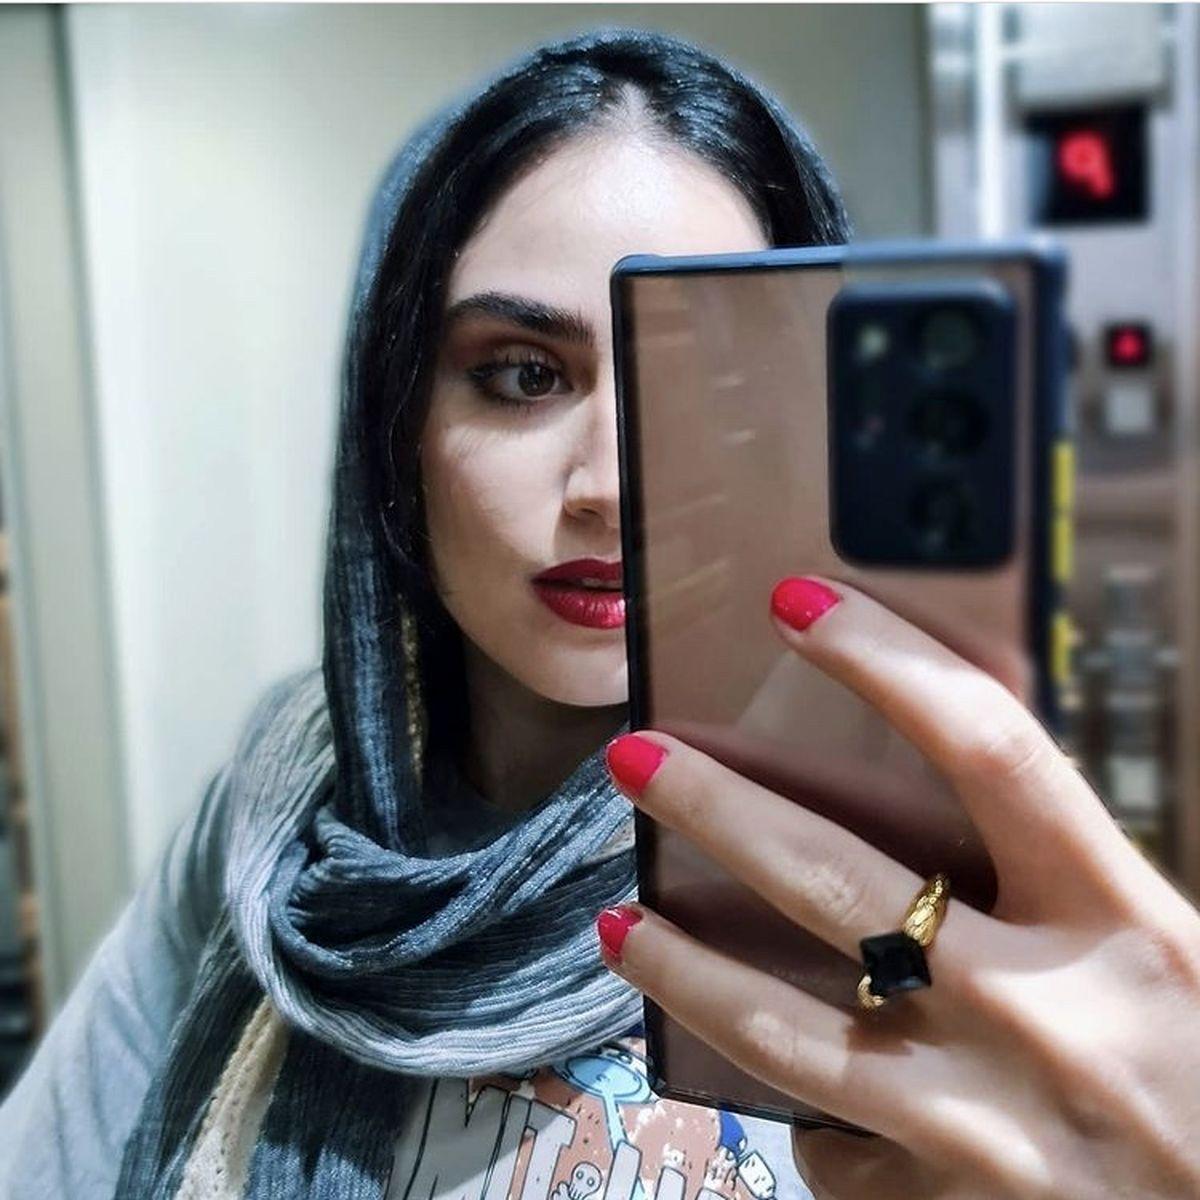 هانیه غلامی با تیپ جدید + عکس